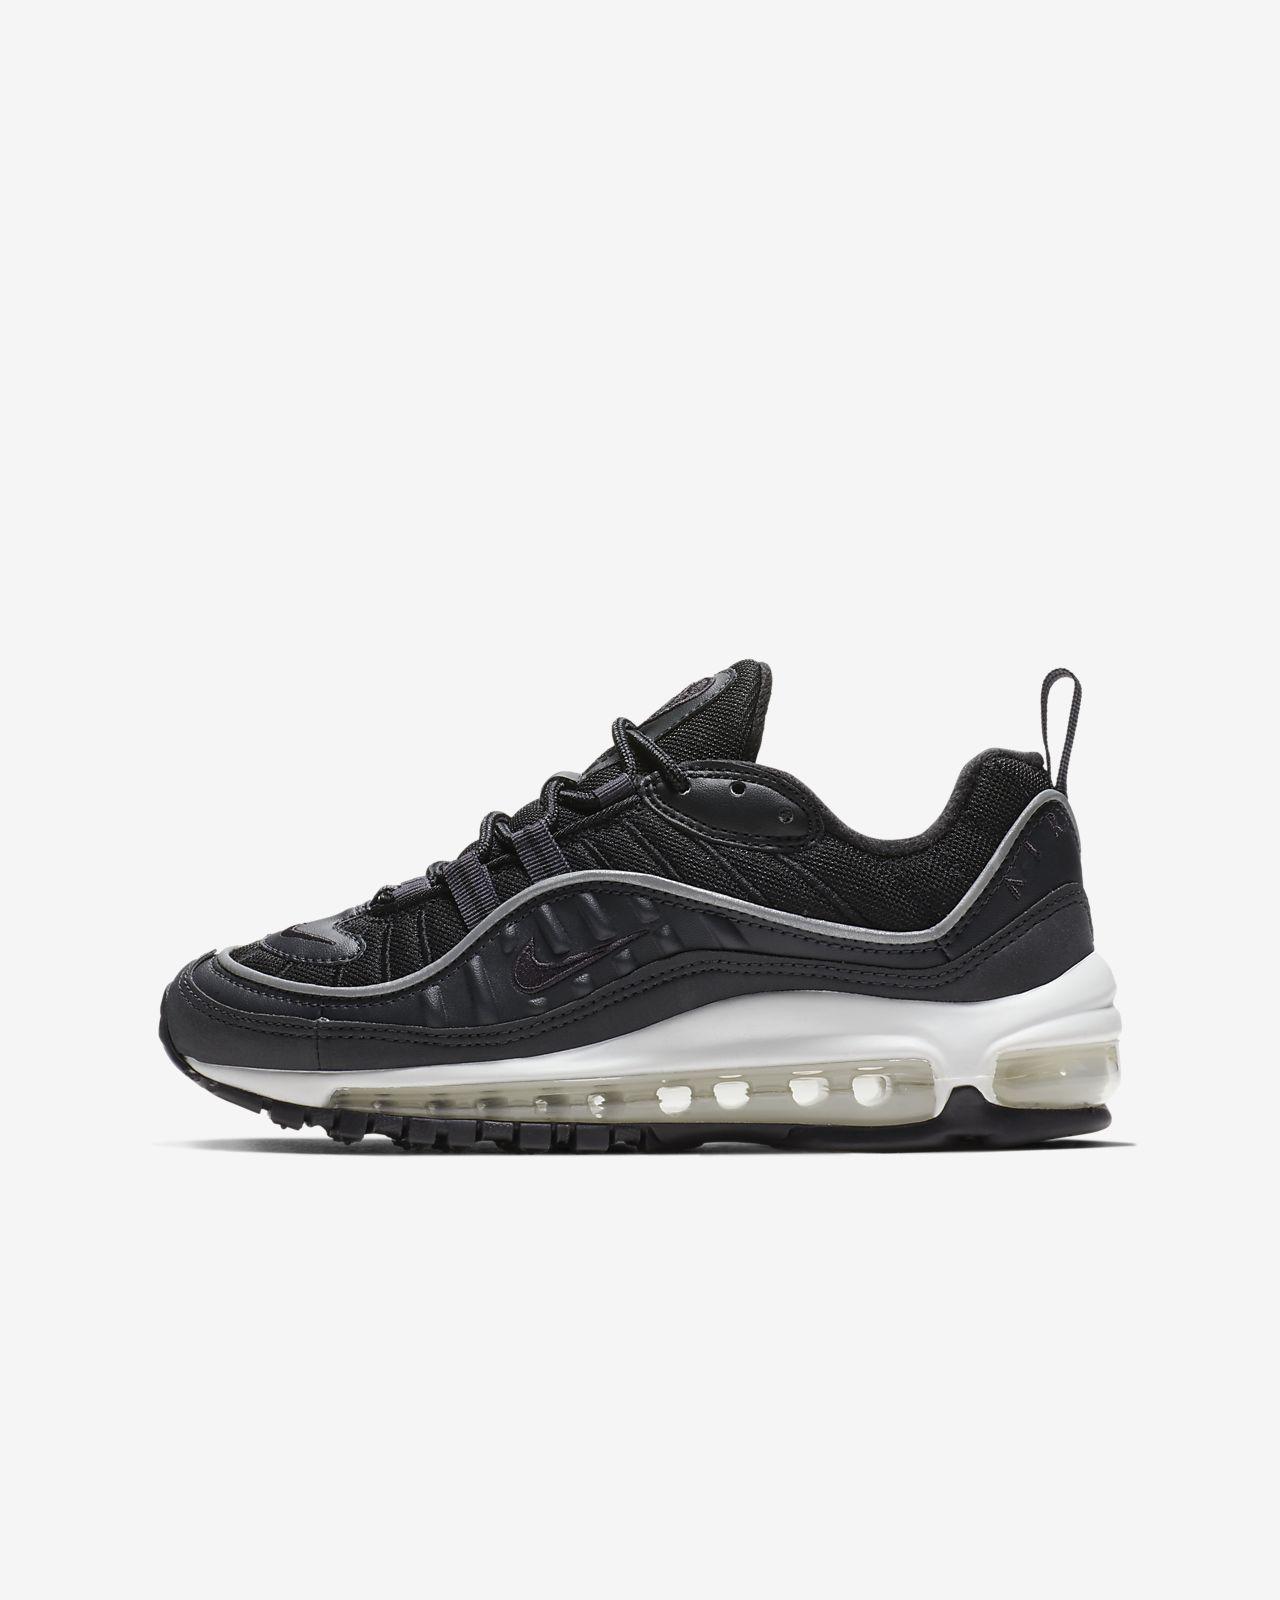 finest selection 51ac7 09502 ... Chaussure Nike Air Max 98 pour Enfant plus âgé